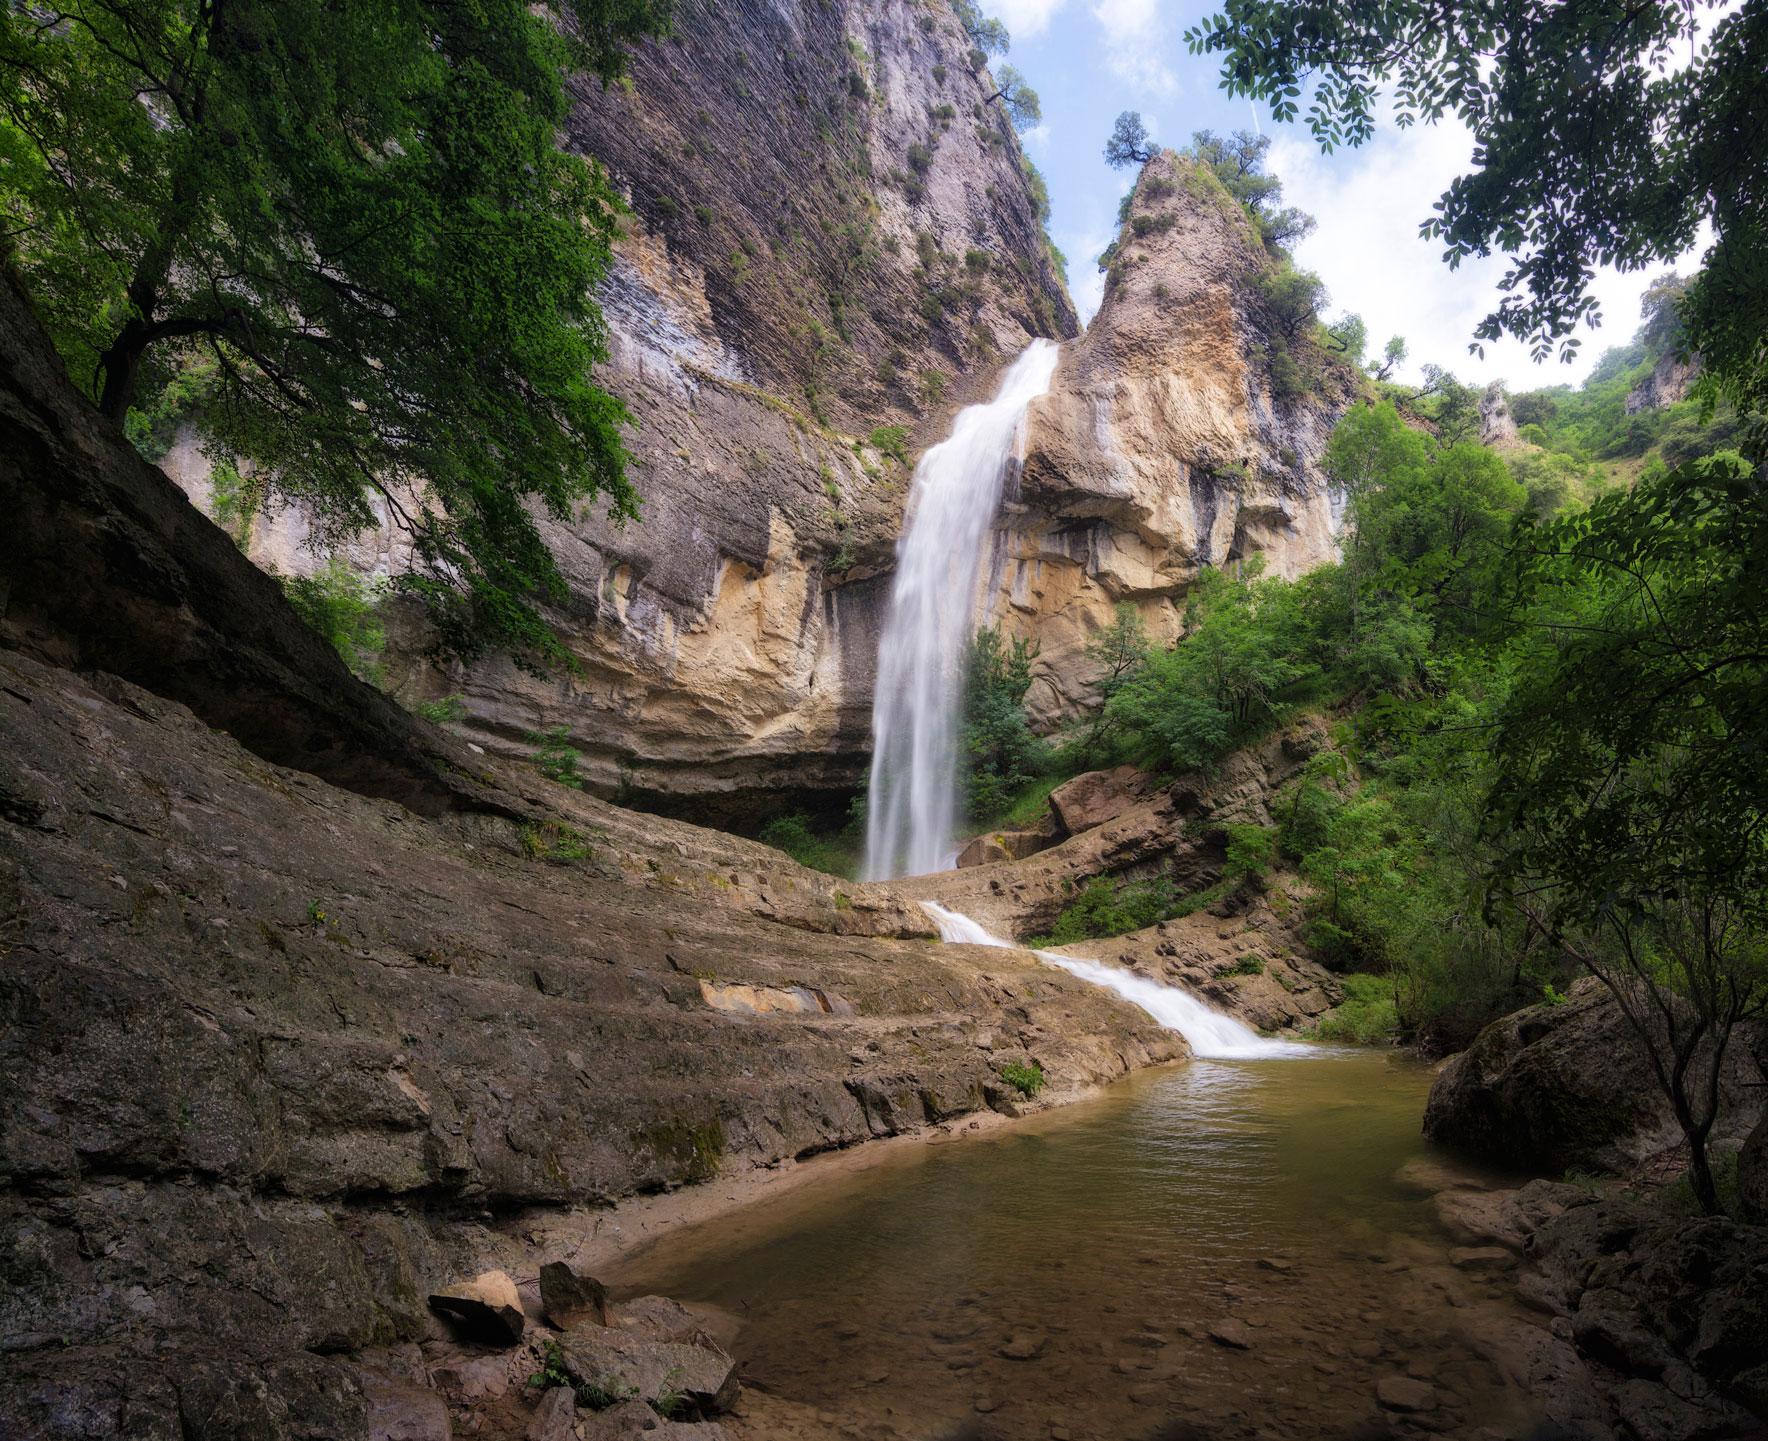 Lo profundo del barranco, Artazul. - Archivo - Iñaki Larrea, Fotografía de naturaleza y montaña